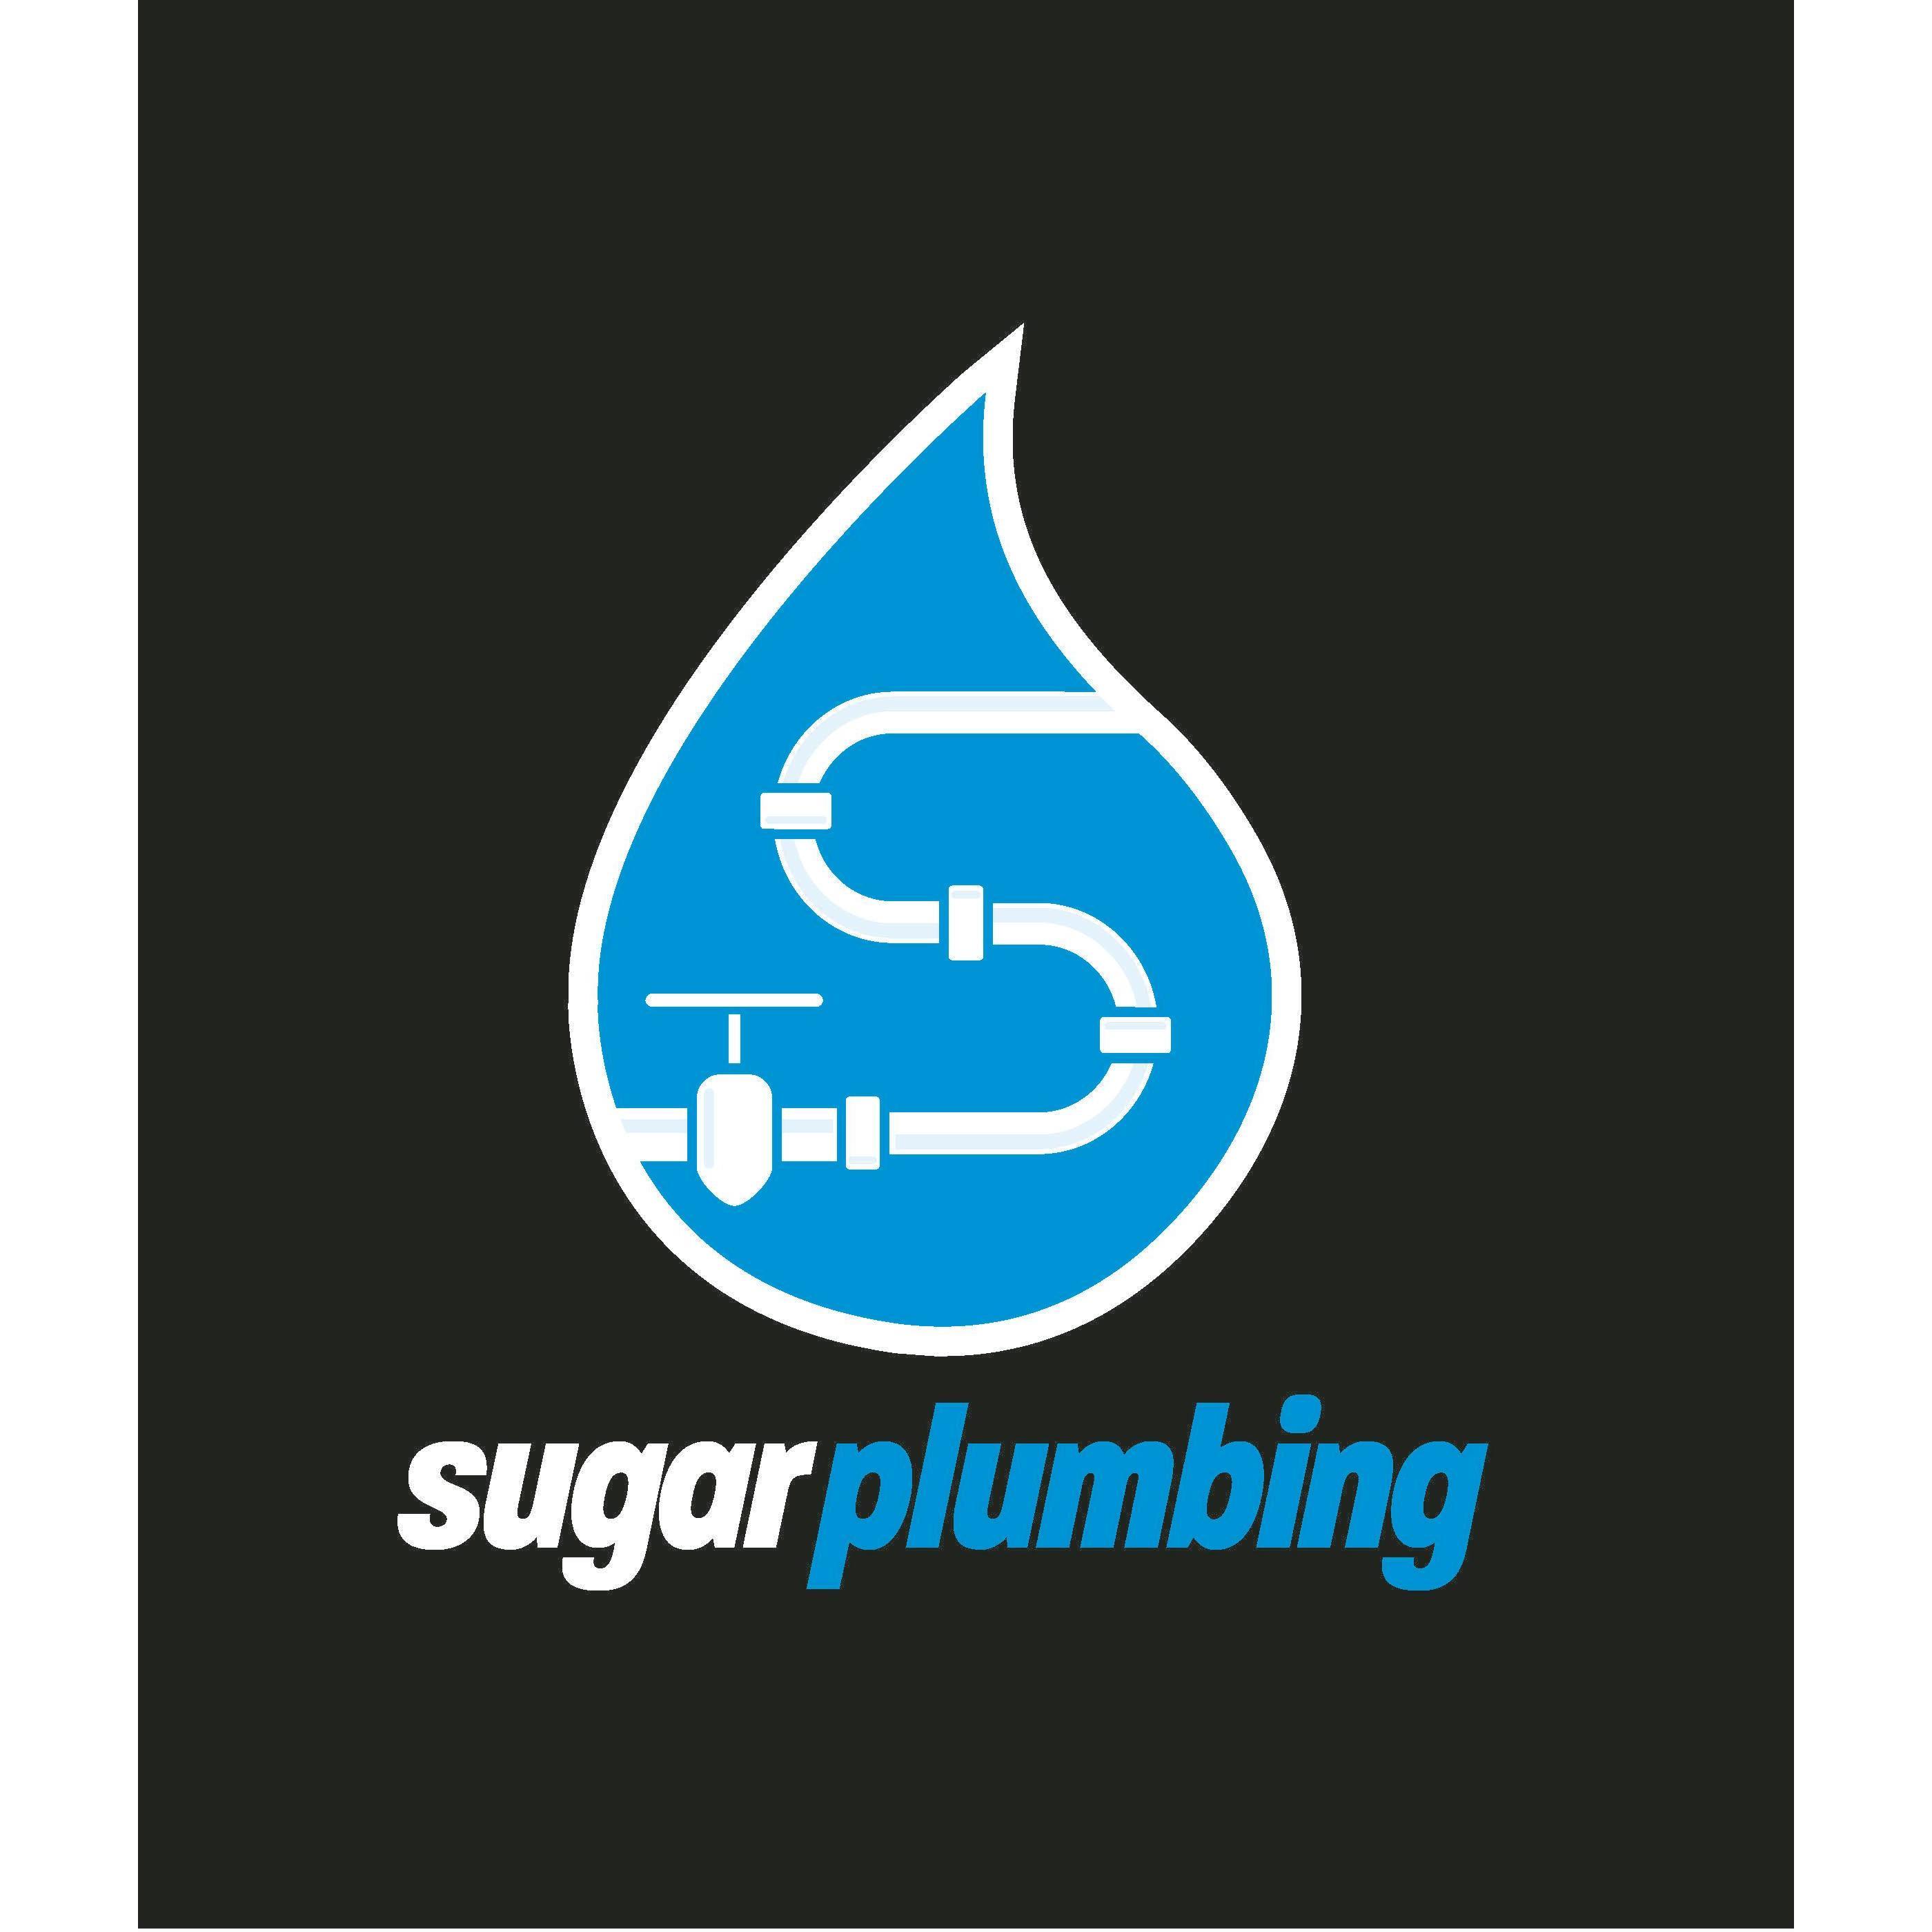 Sugar Plumbing